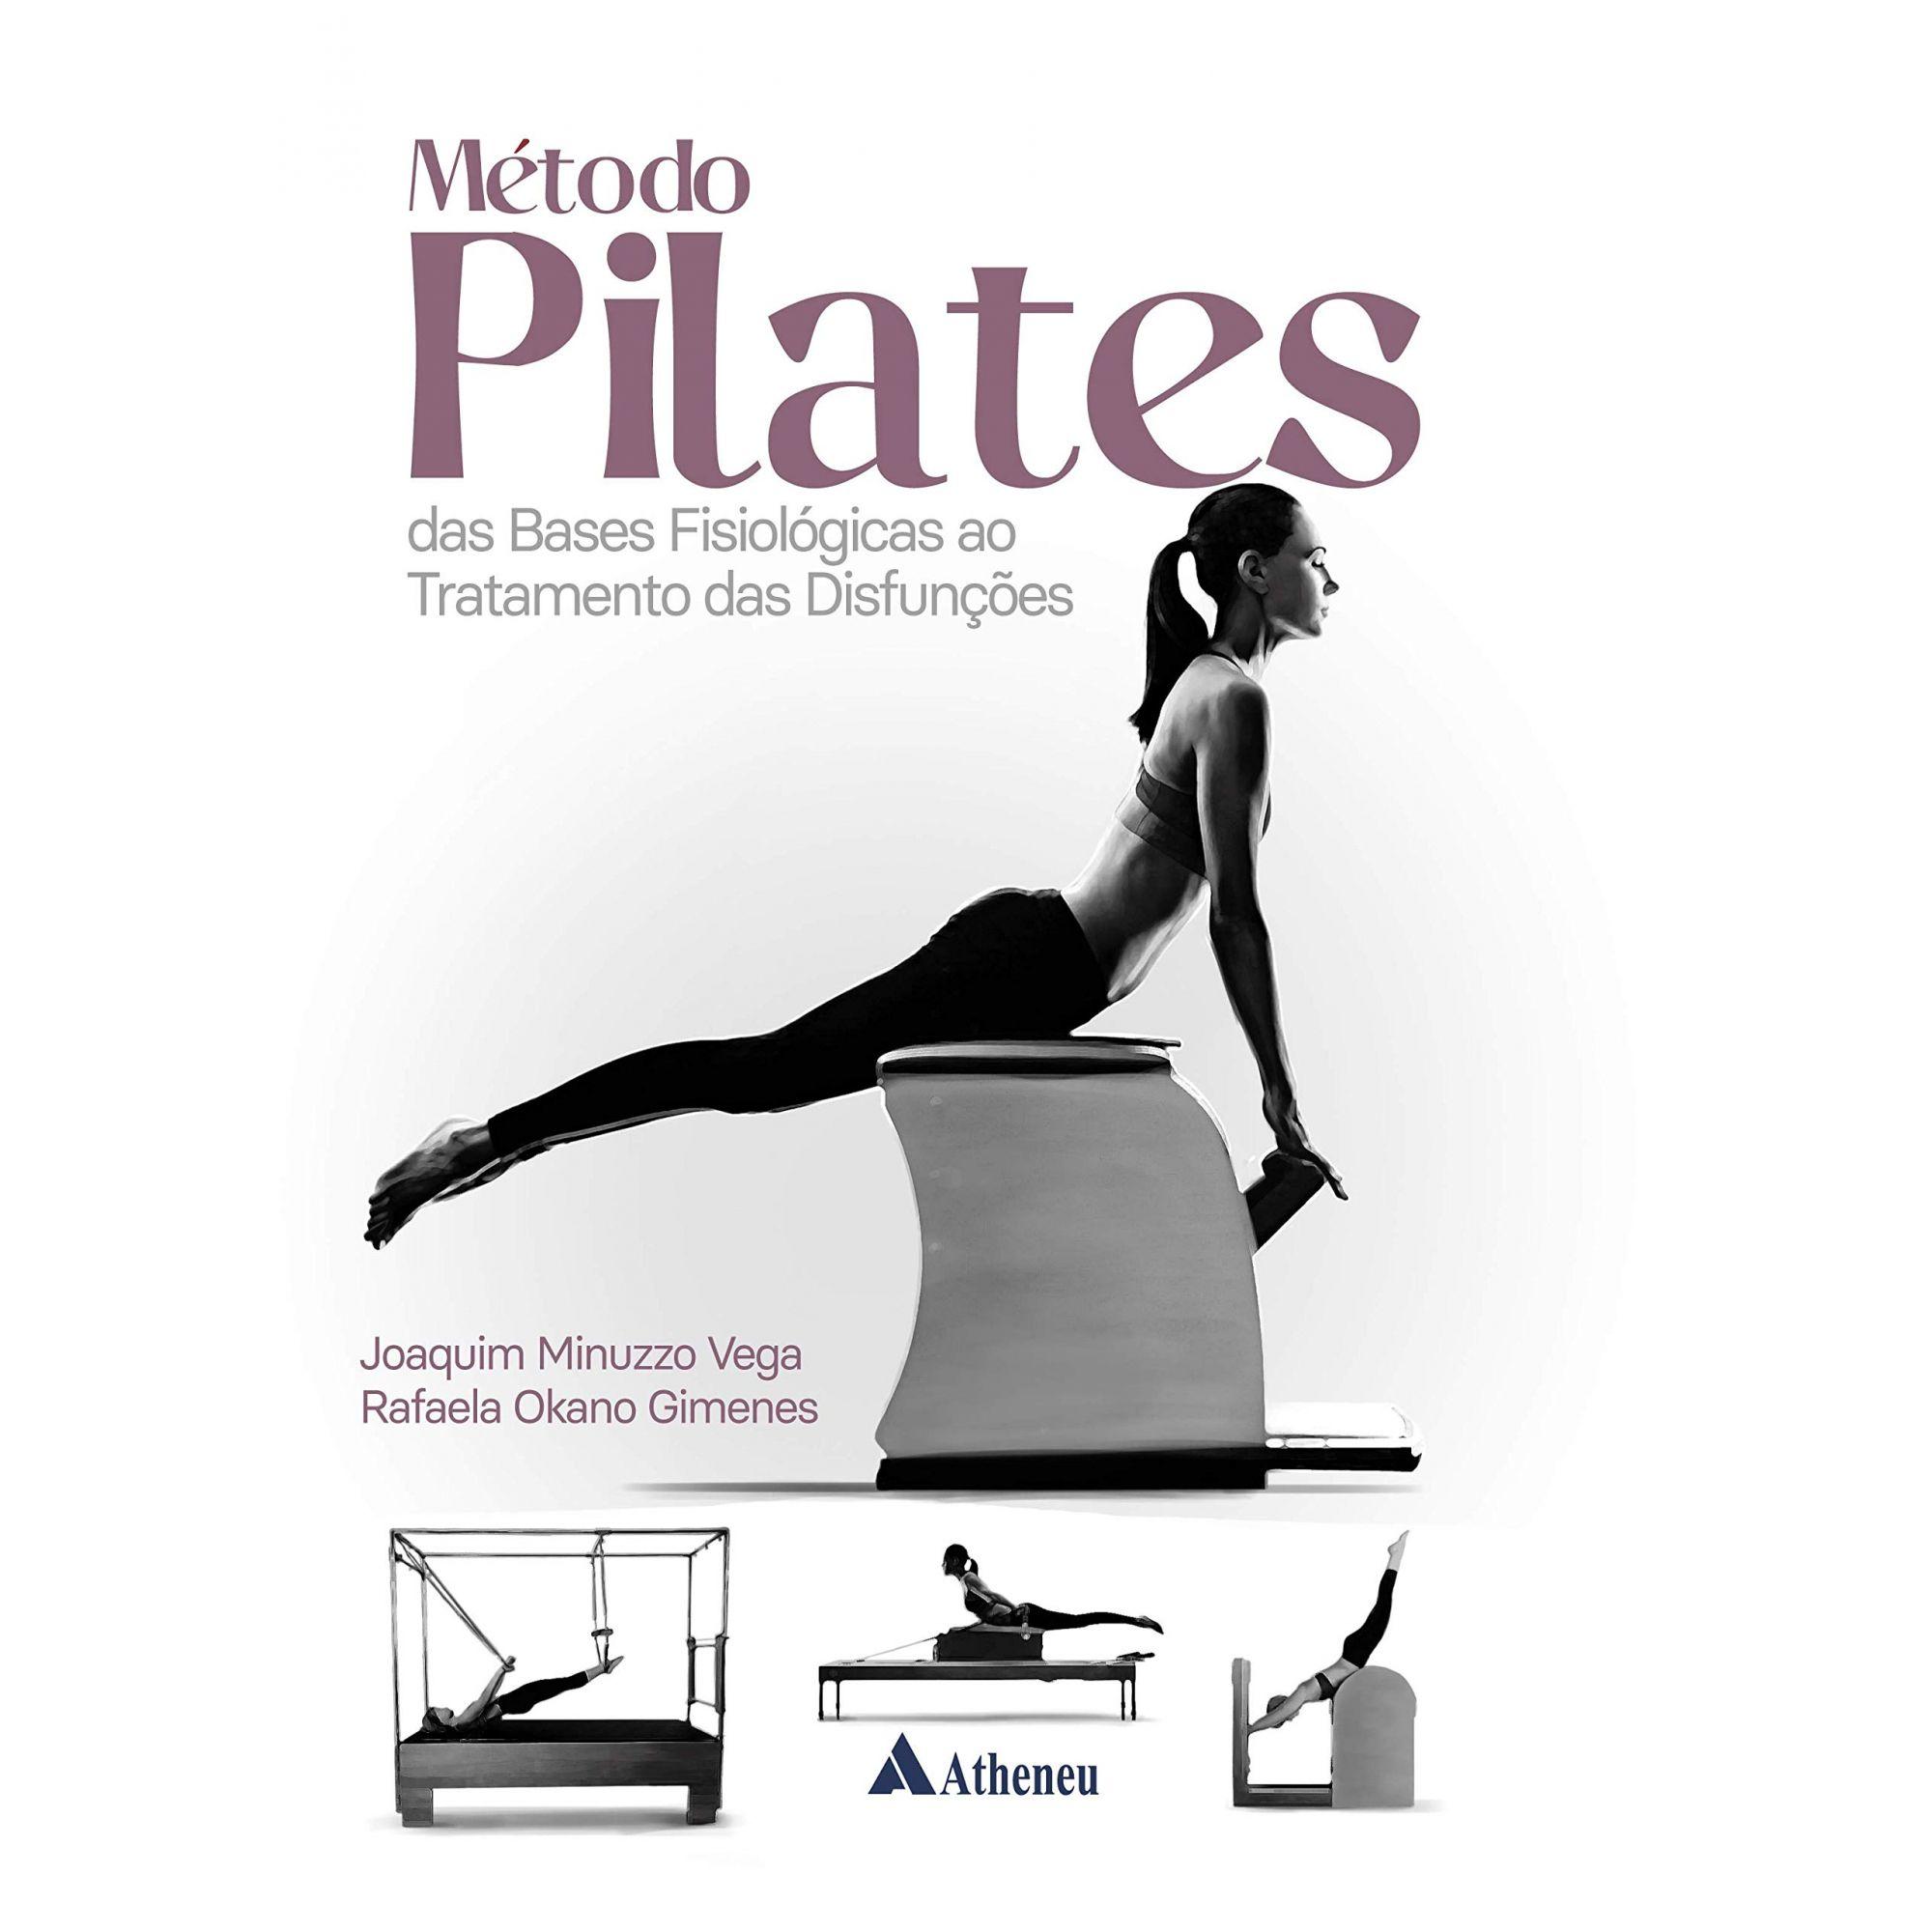 Livro Método Pilates: das Bases Fisiopatológicas ao Tratamento das Disfunções